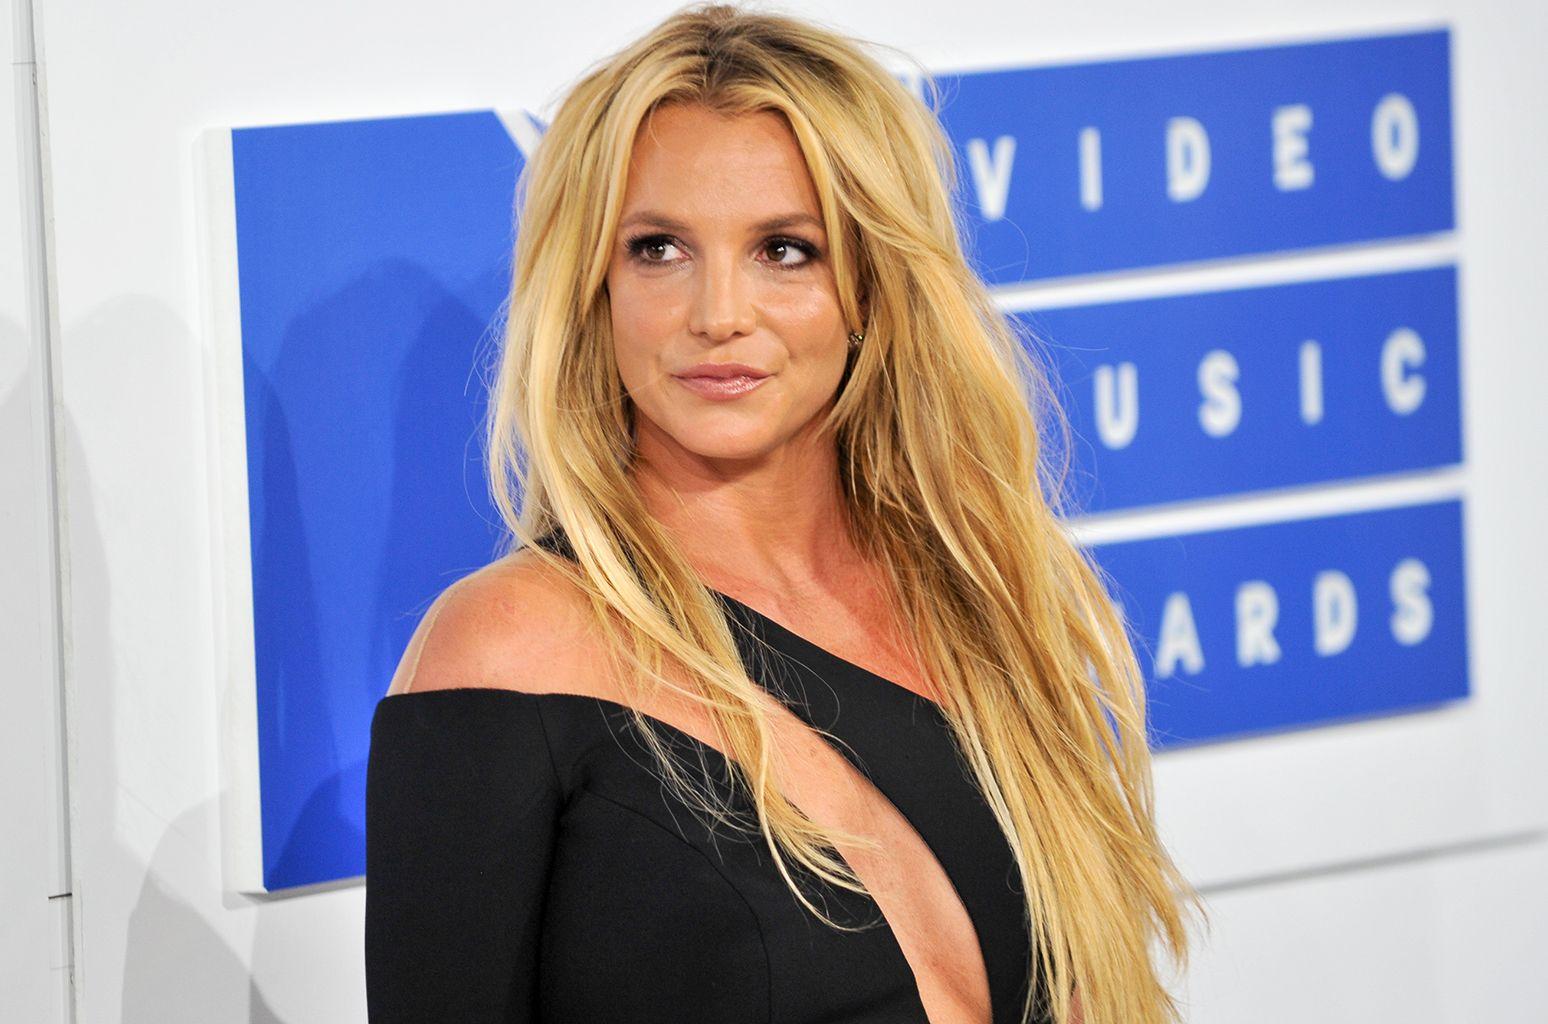 El mal momento de Britney Spears